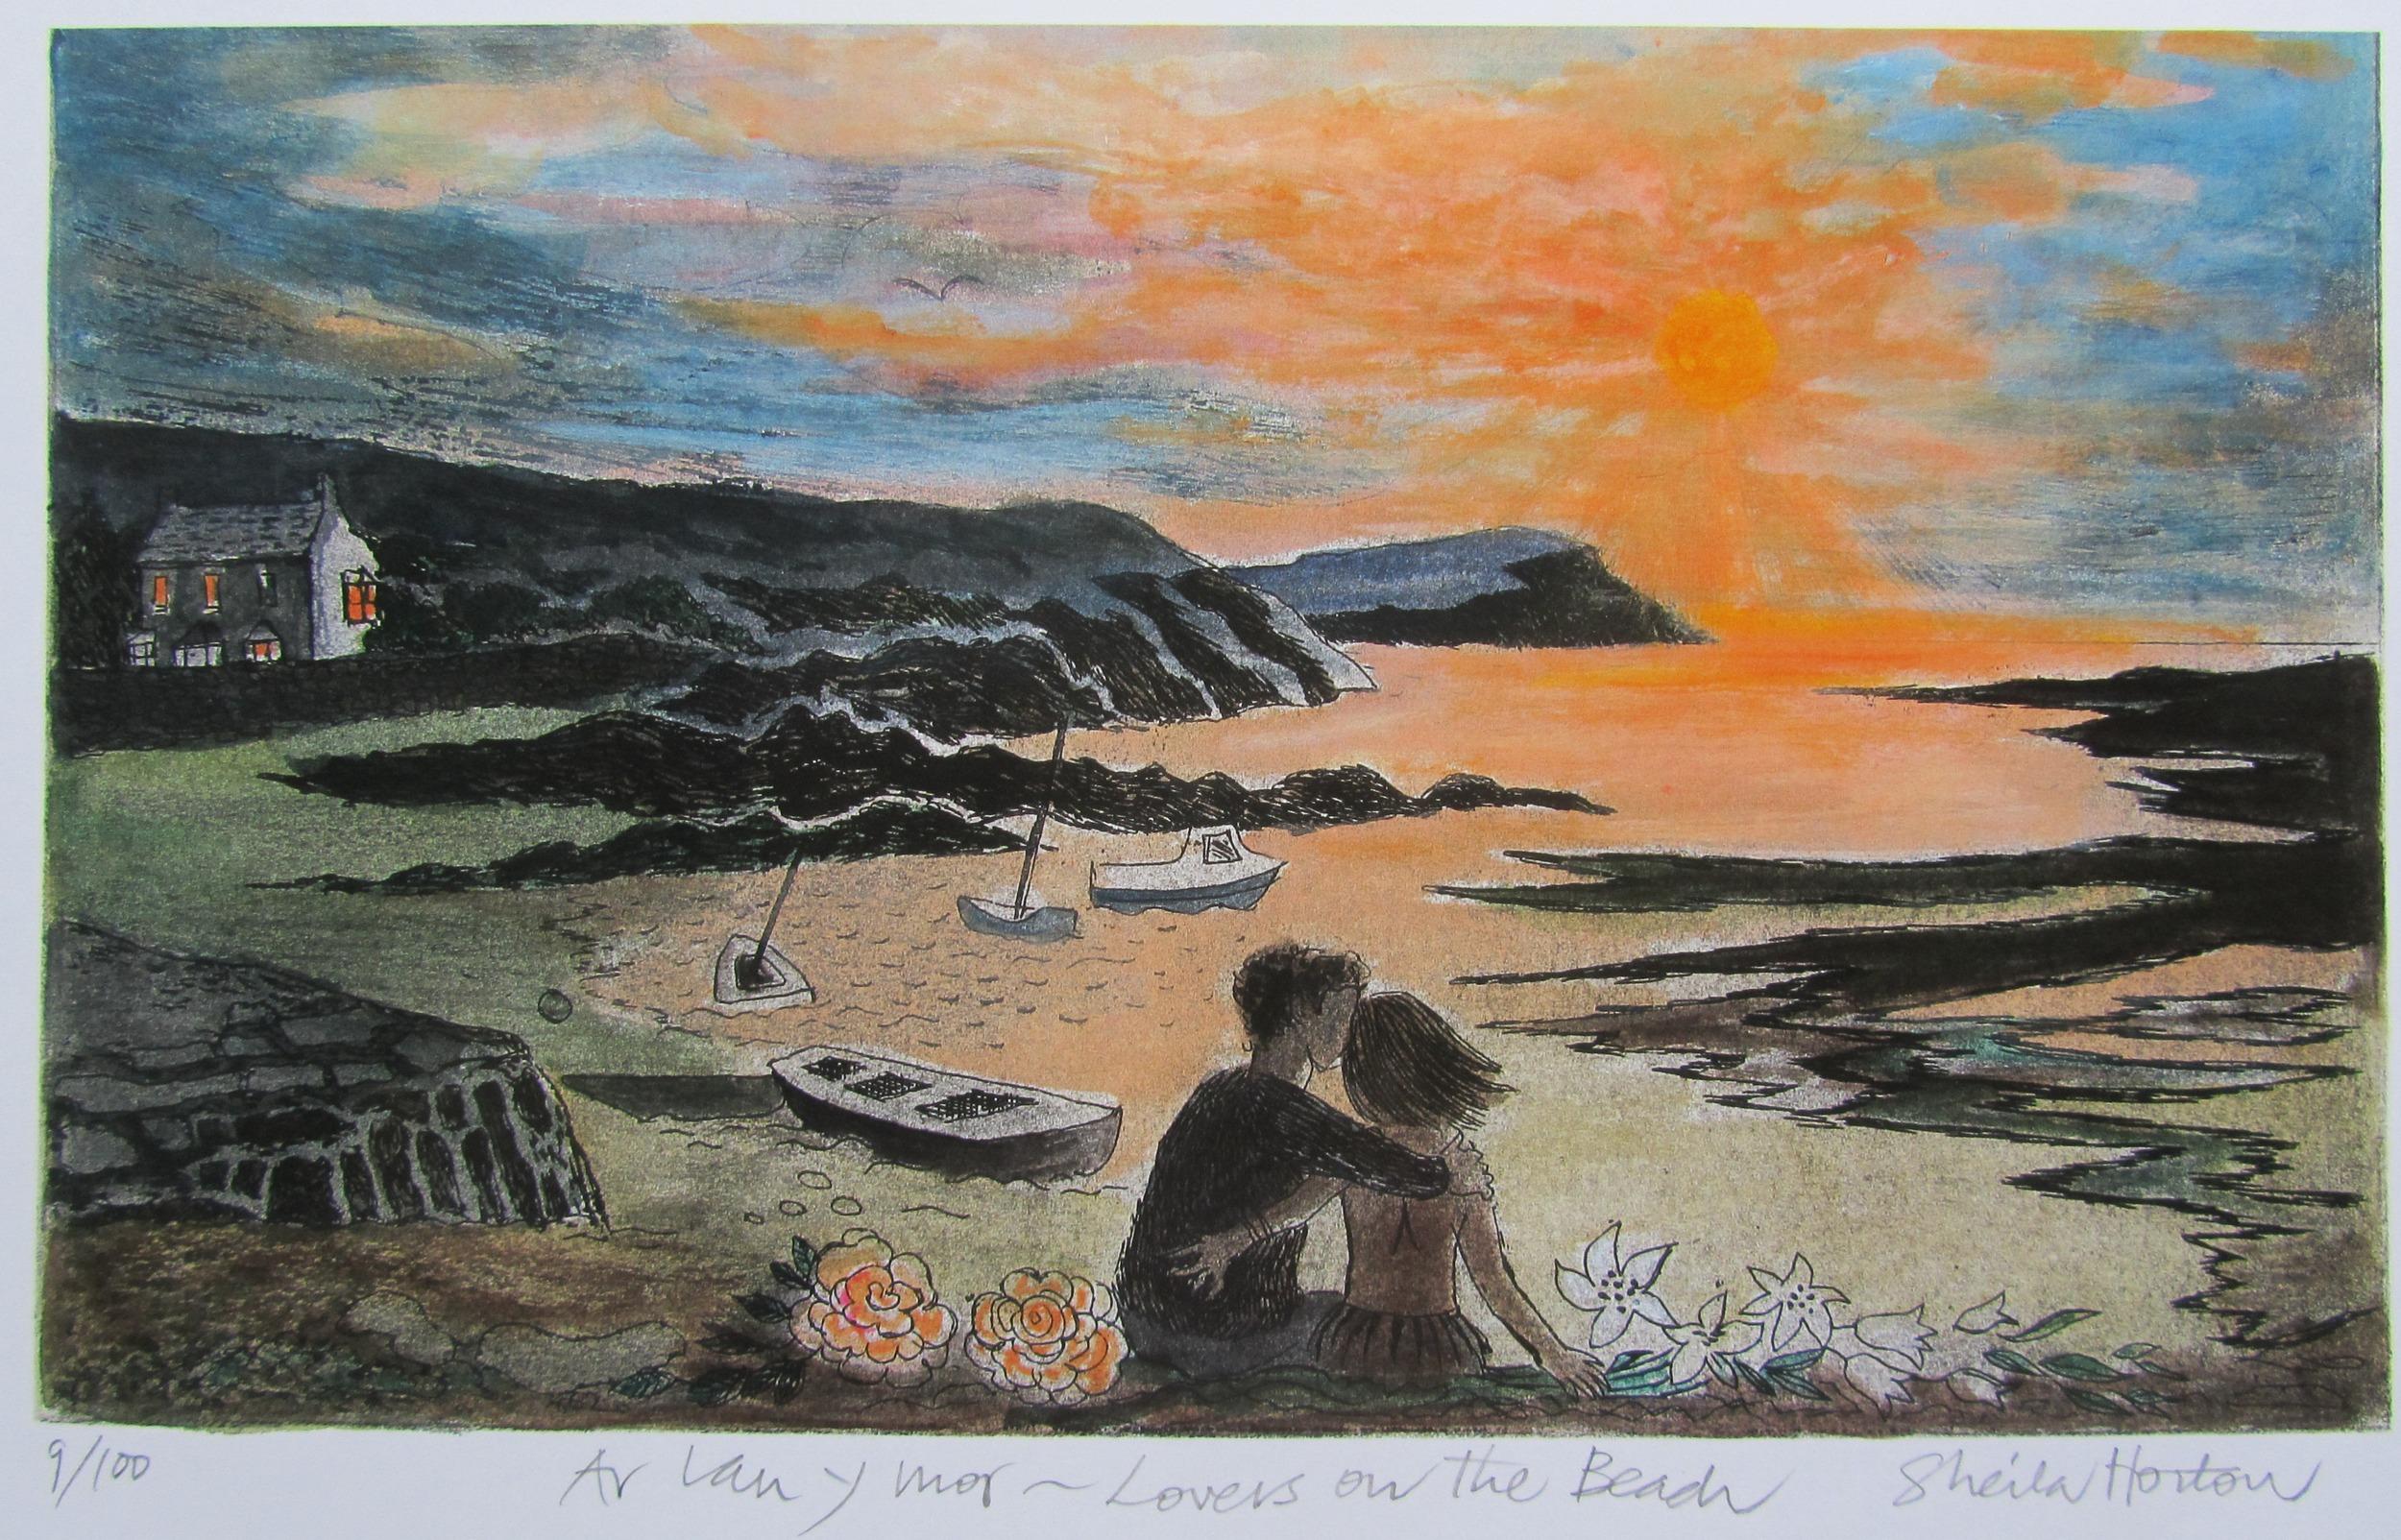 Ar Lan Y Mor by Sheila Horton